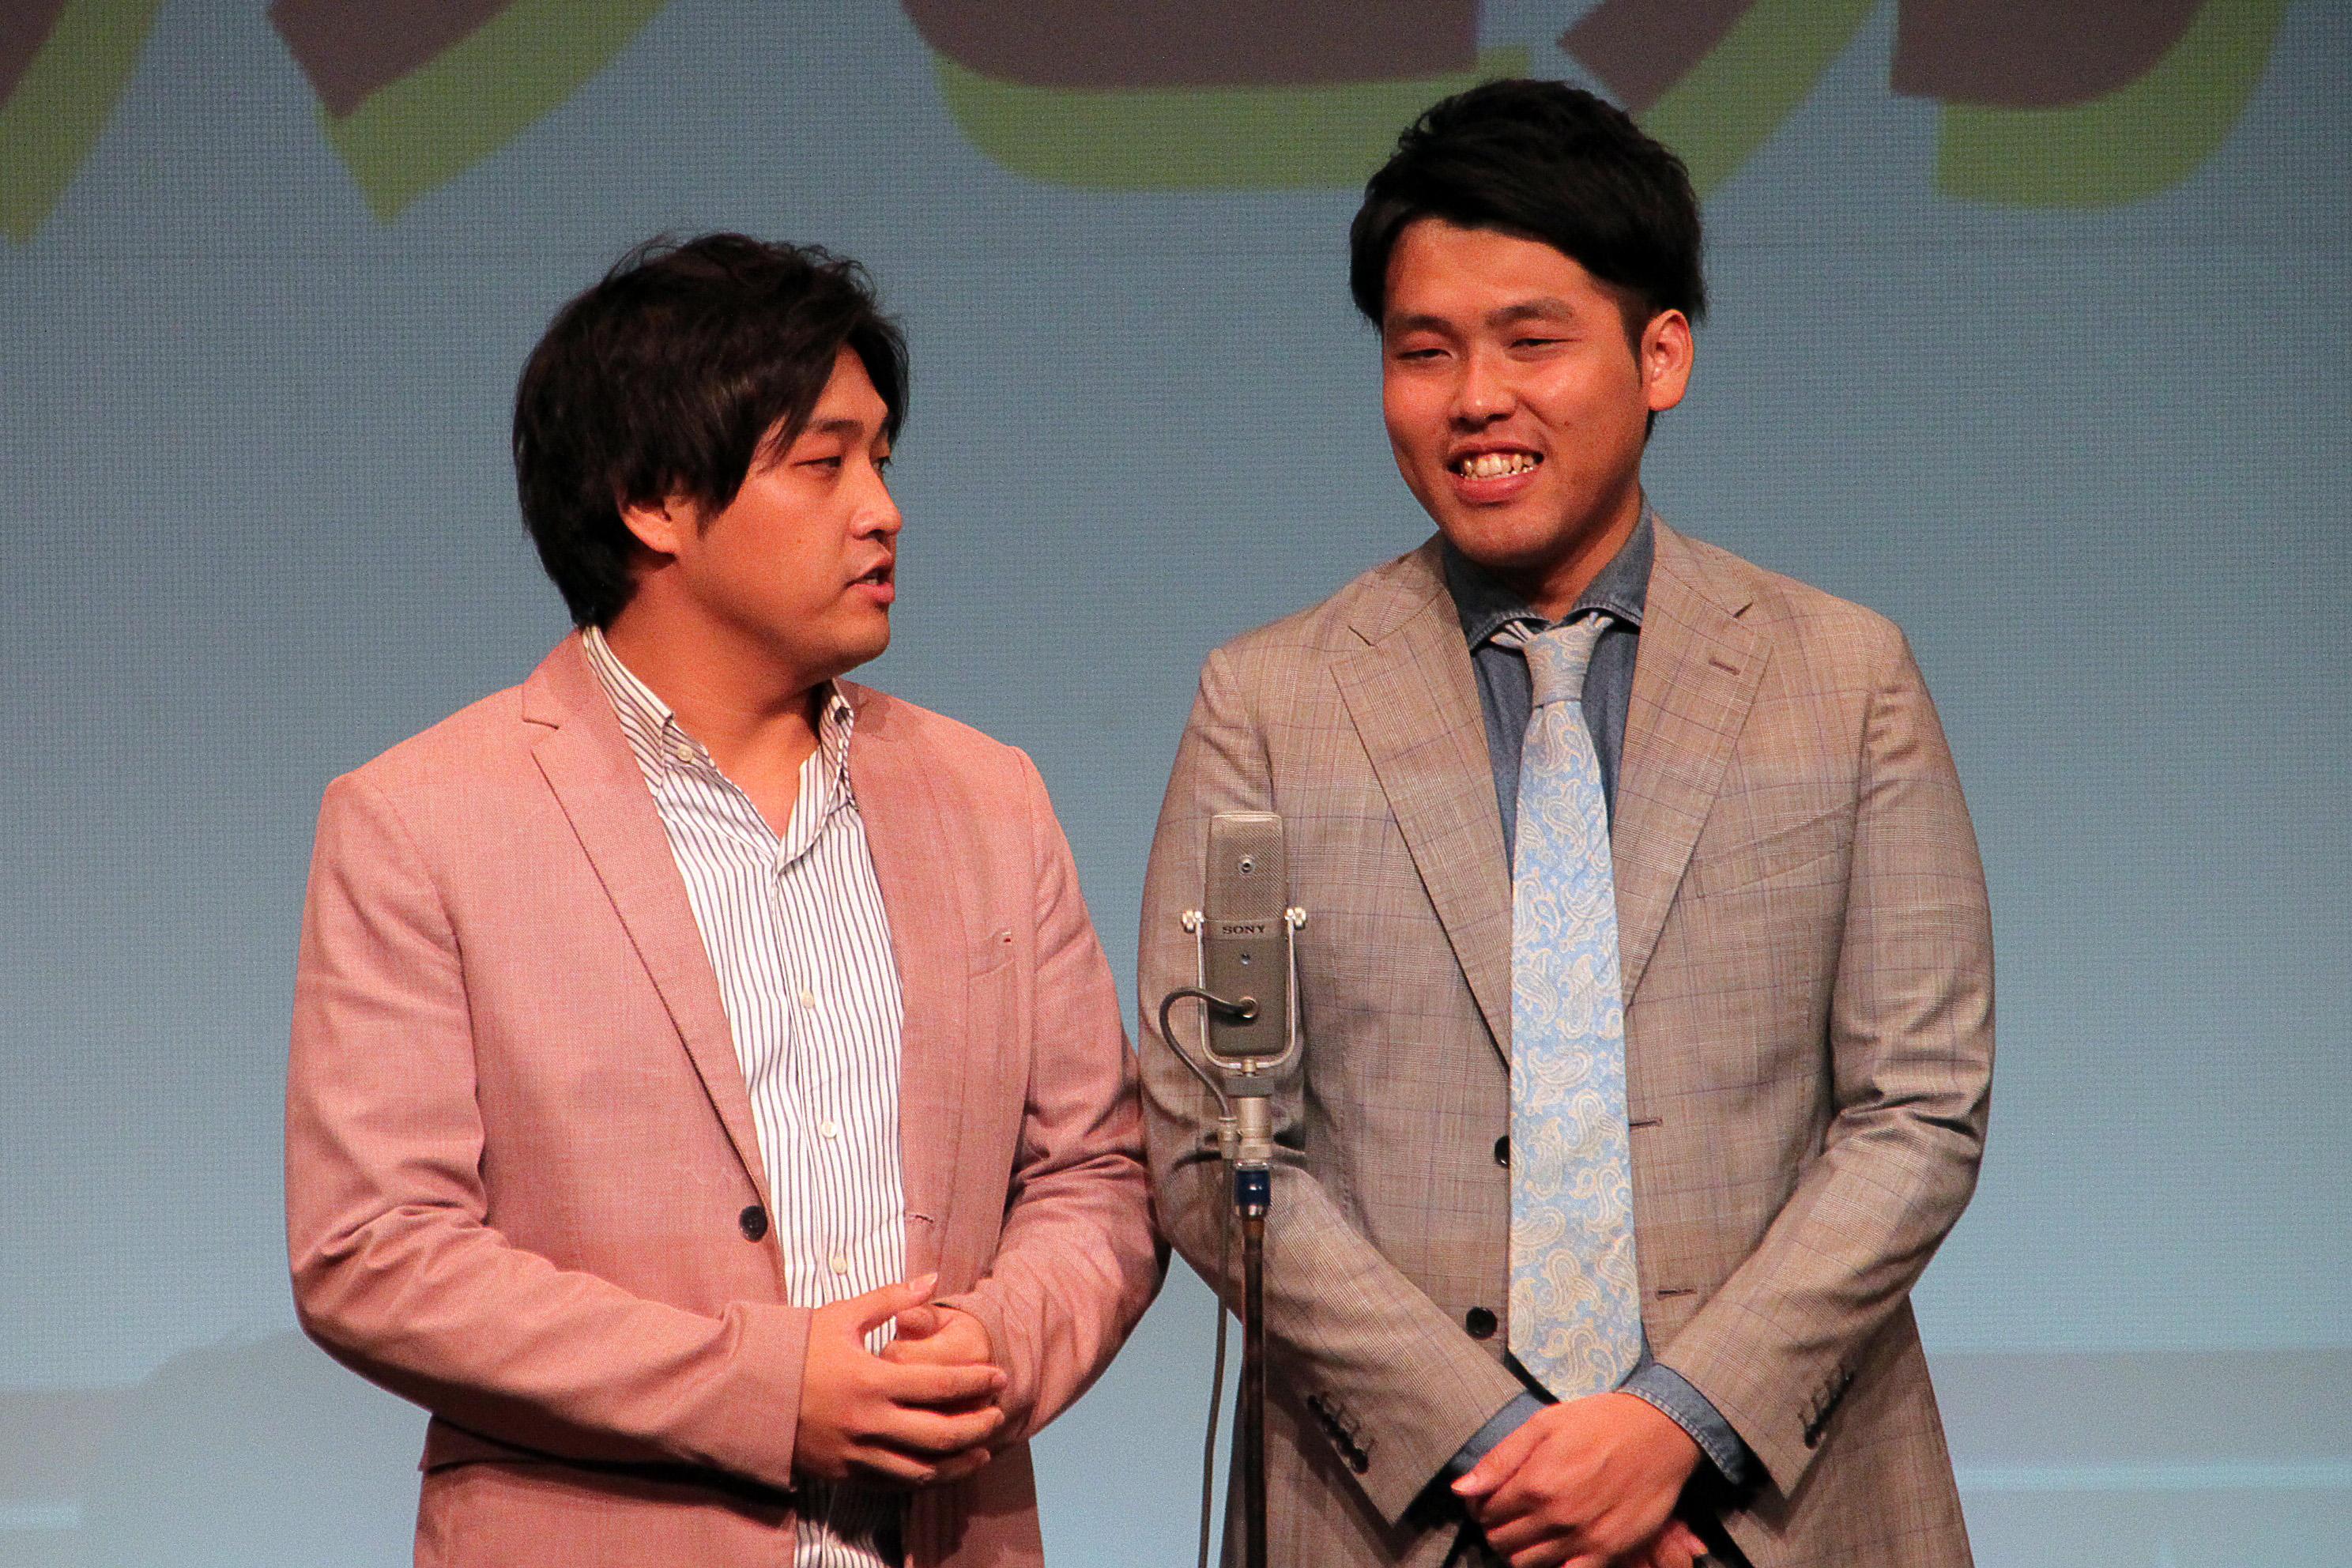 http://news.yoshimoto.co.jp/20180807153027-e3cac13f967e5c1b64cdcc2a125f86db3f8a957a.jpg